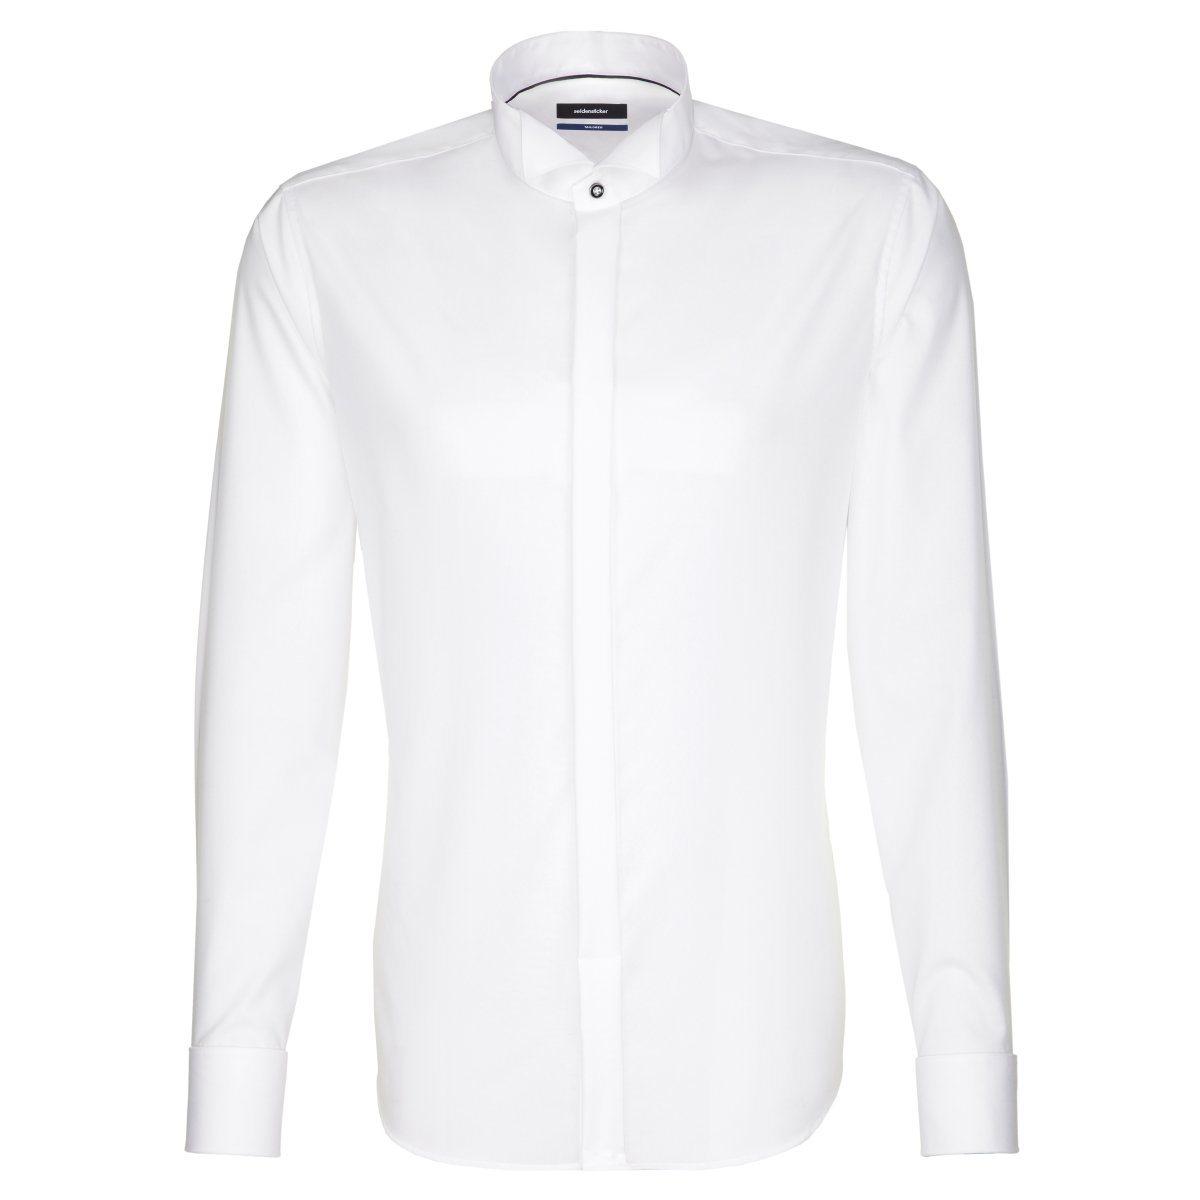 Herren seidensticker Businesshemd Tailored, Kläppchen-Kragen blau, braun, grau, grün, orange, rosa, rot, schwarz, weiß | 04048871494692